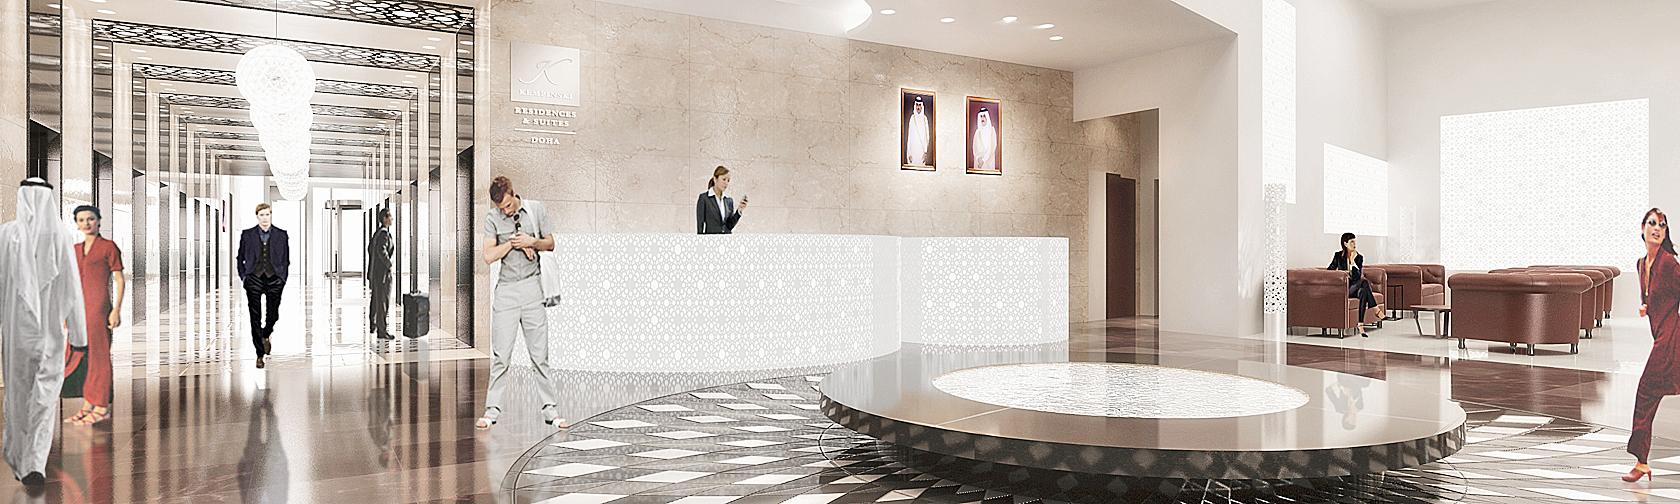 Doha Kempinski Hall